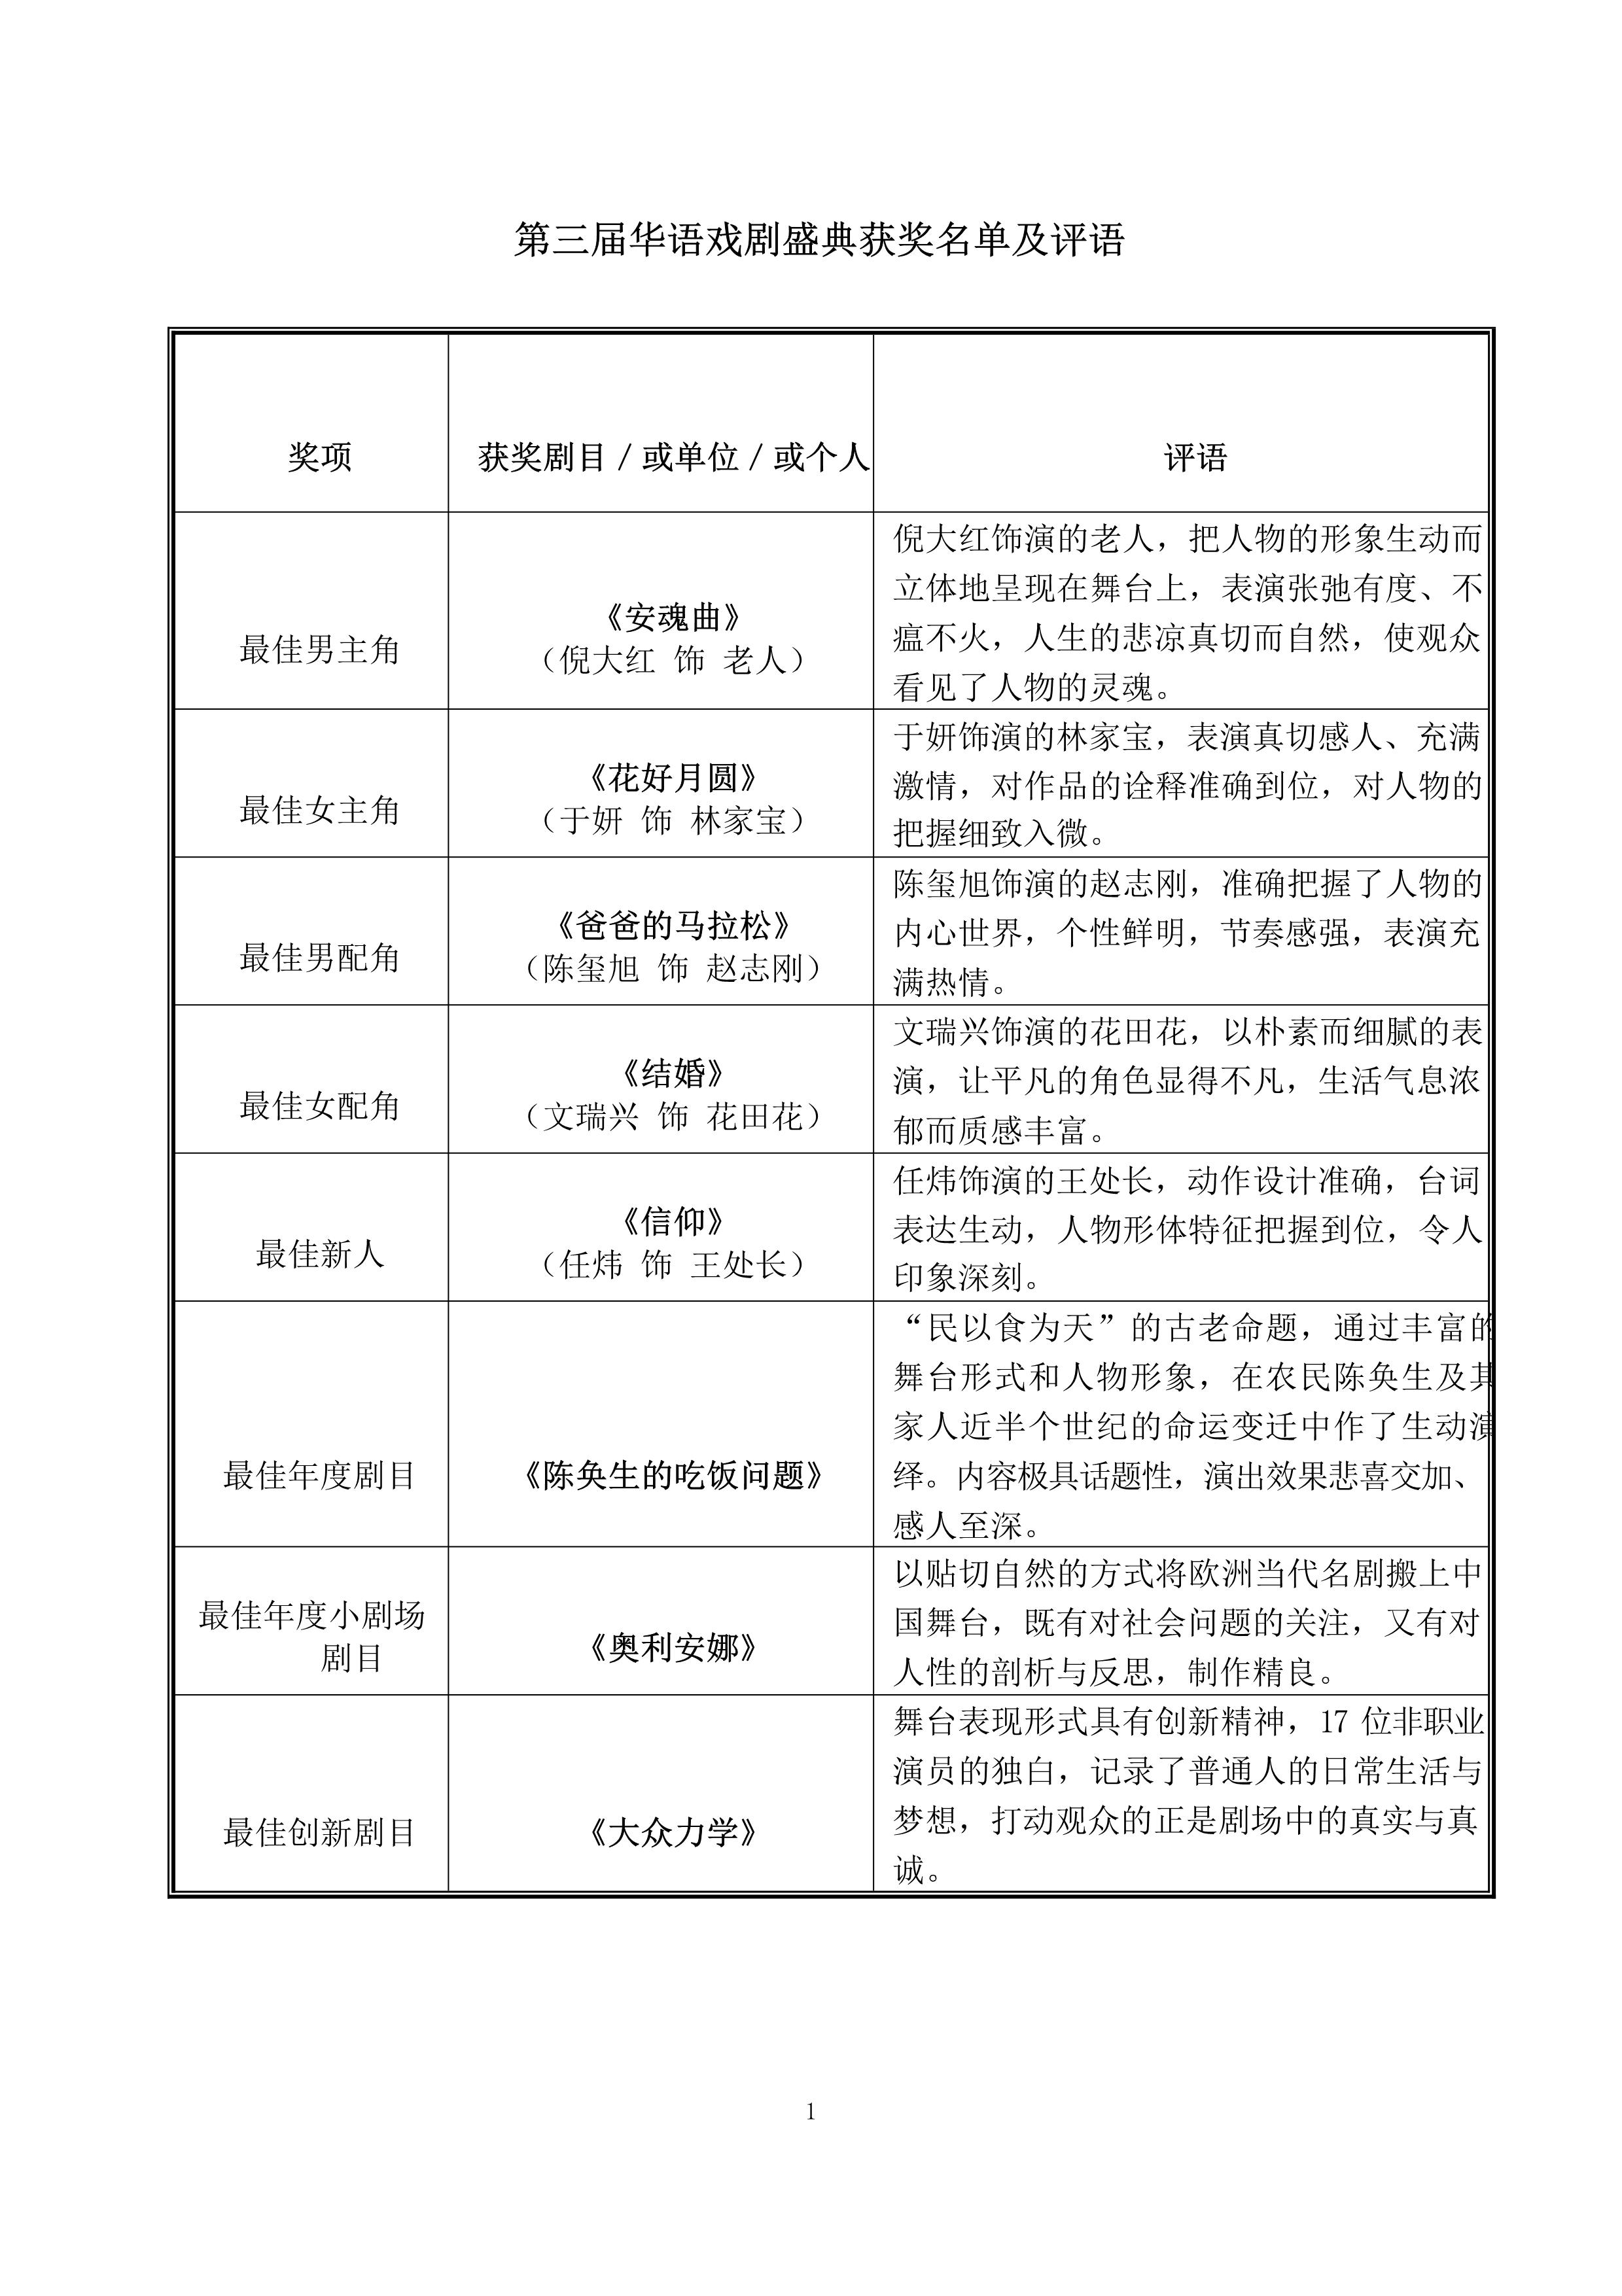 第三届华语戏剧盛典隆重举办,盛典榜单揭晓